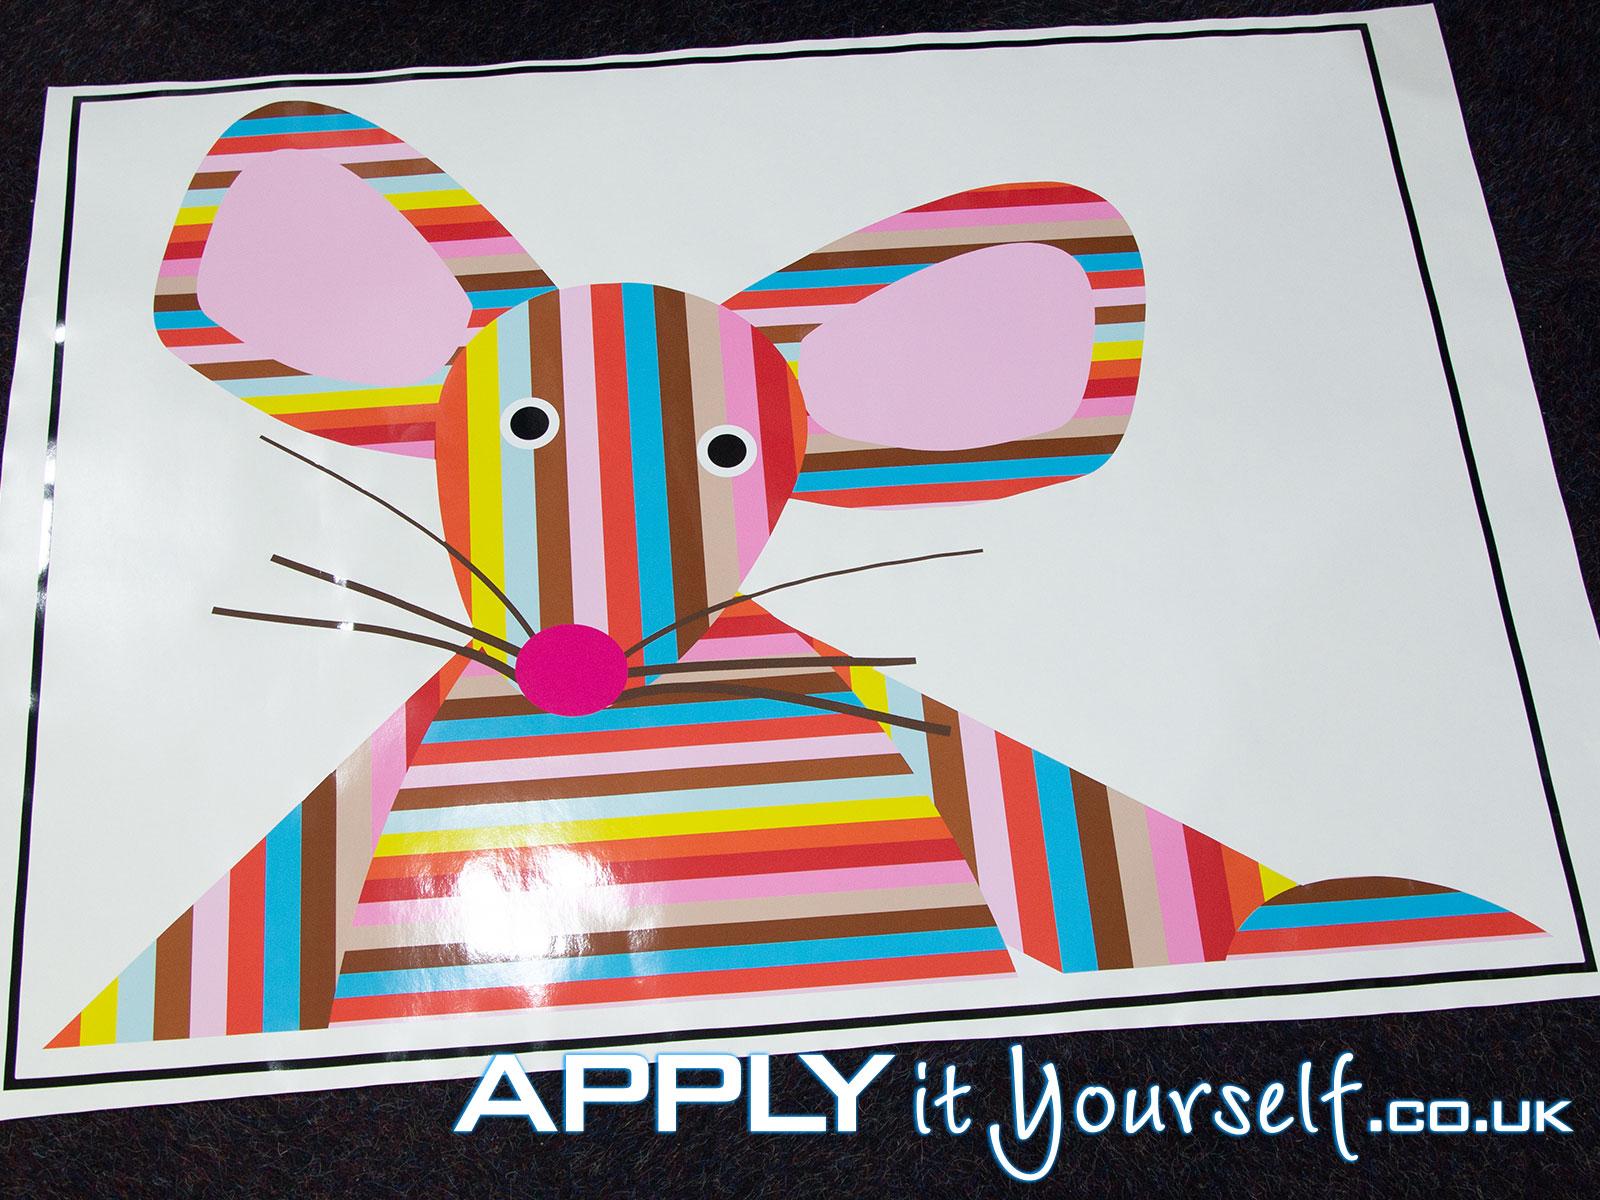 window sticker, logo, mouse, branding, stripes, cut-to-shape